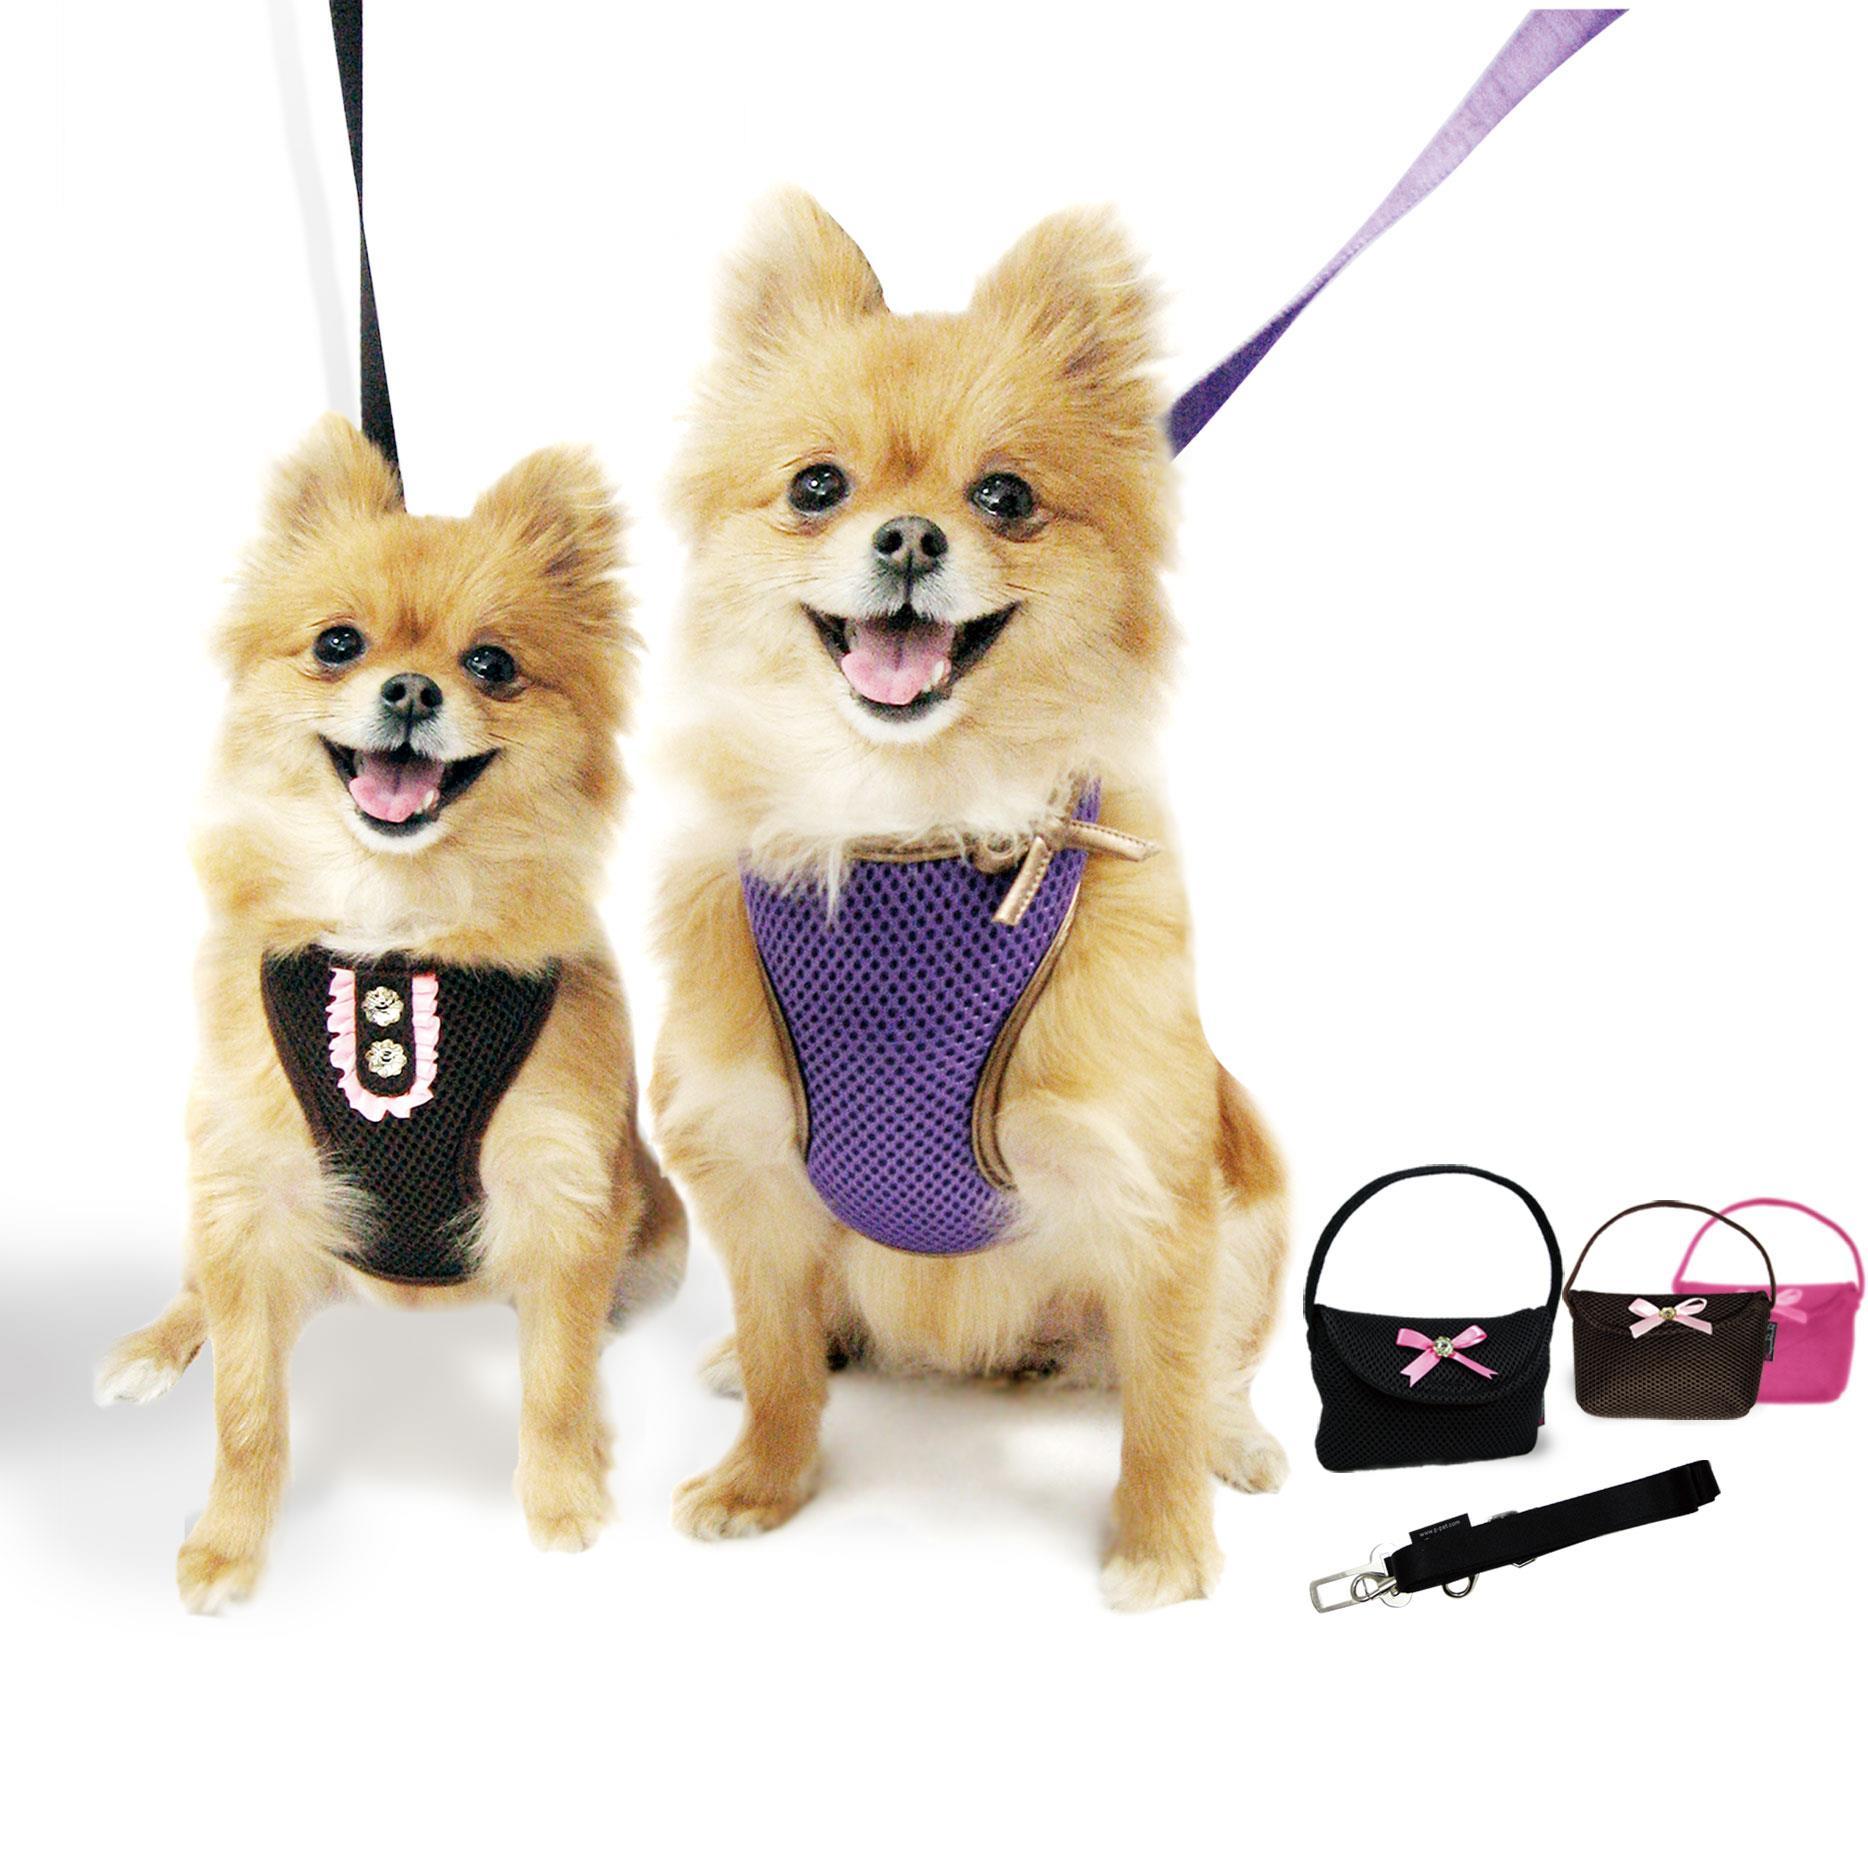 Eshop pomůcky pro venčení psa - obojky, vodítka, postroje, kšíry pro psy